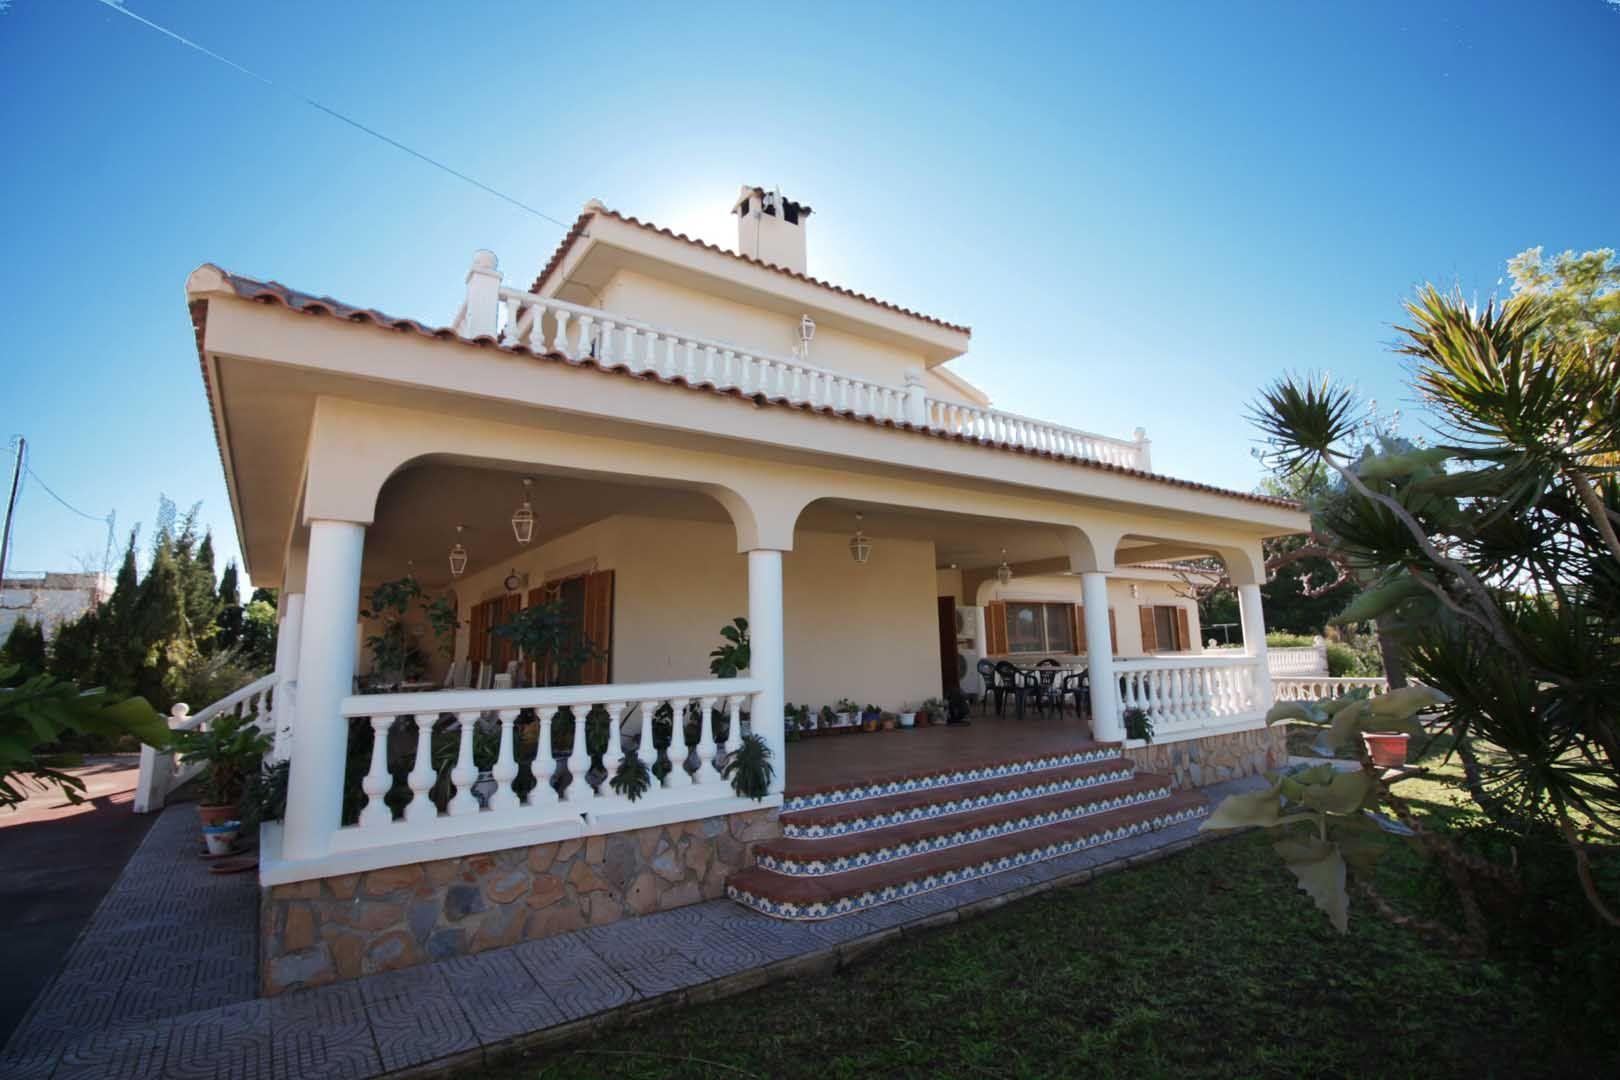 Villa in San Vicente del Raspeig/Sant Vicent del Raspeig, for sale